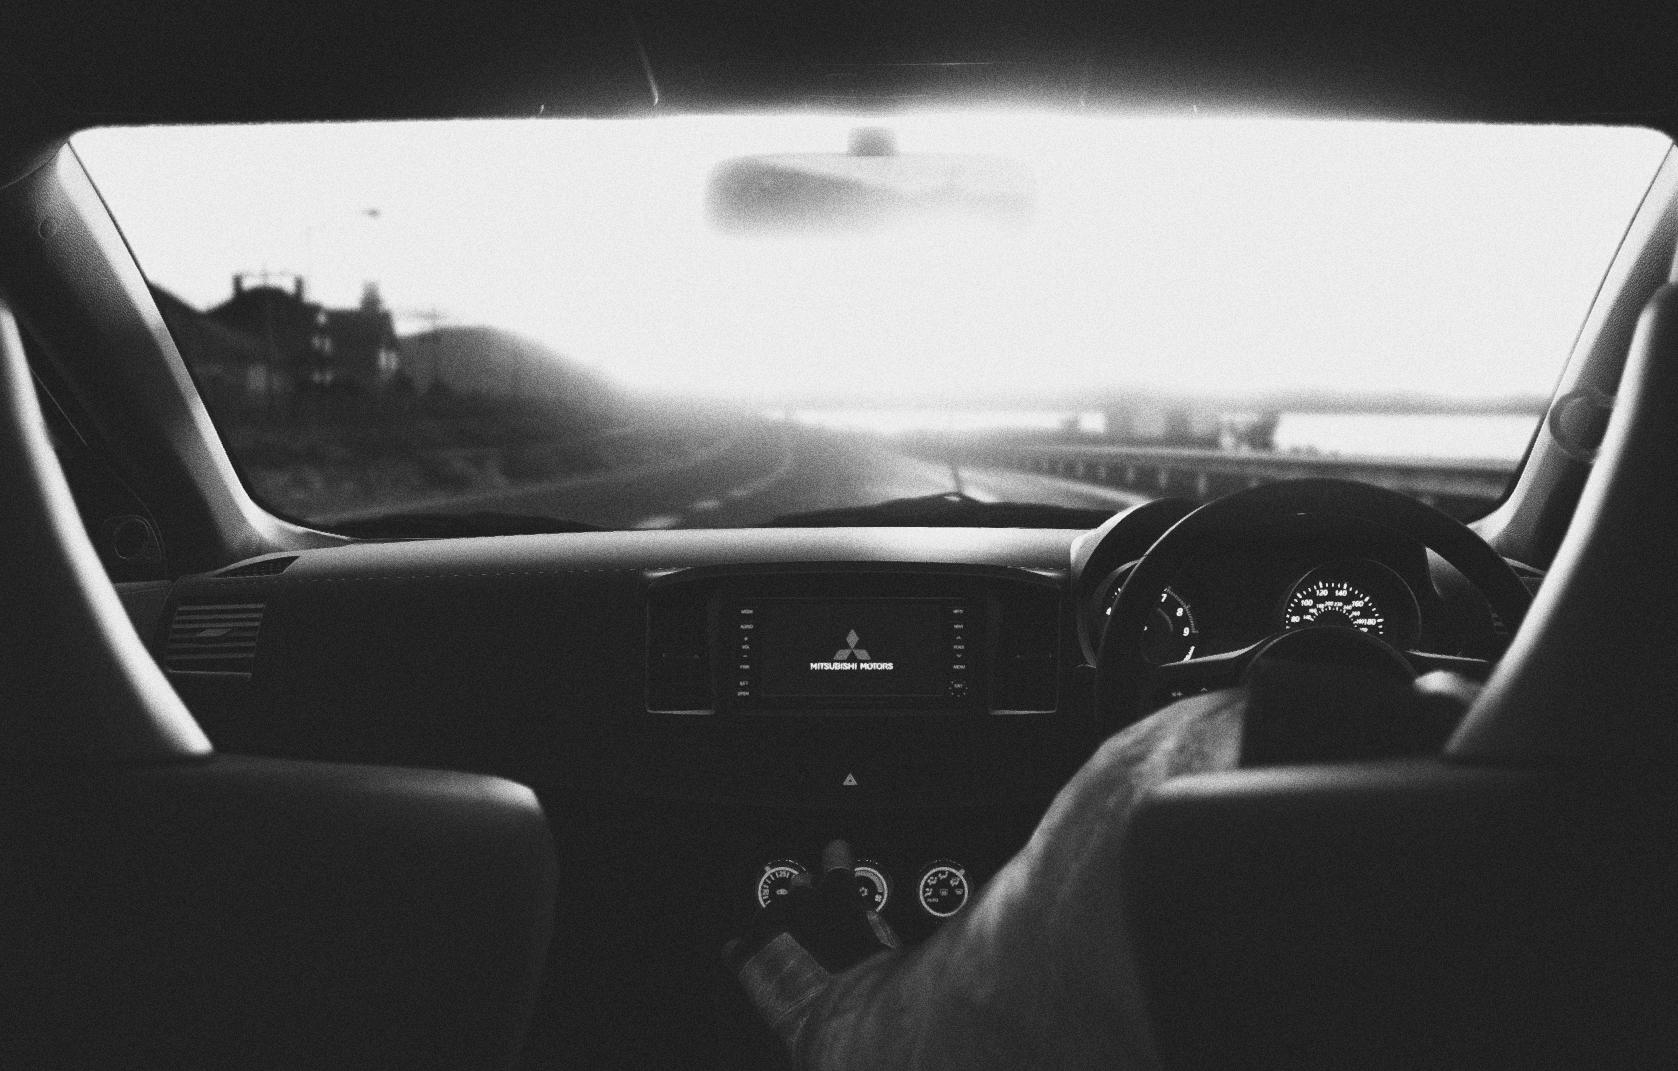 pCARS-evox-backseat.jpg